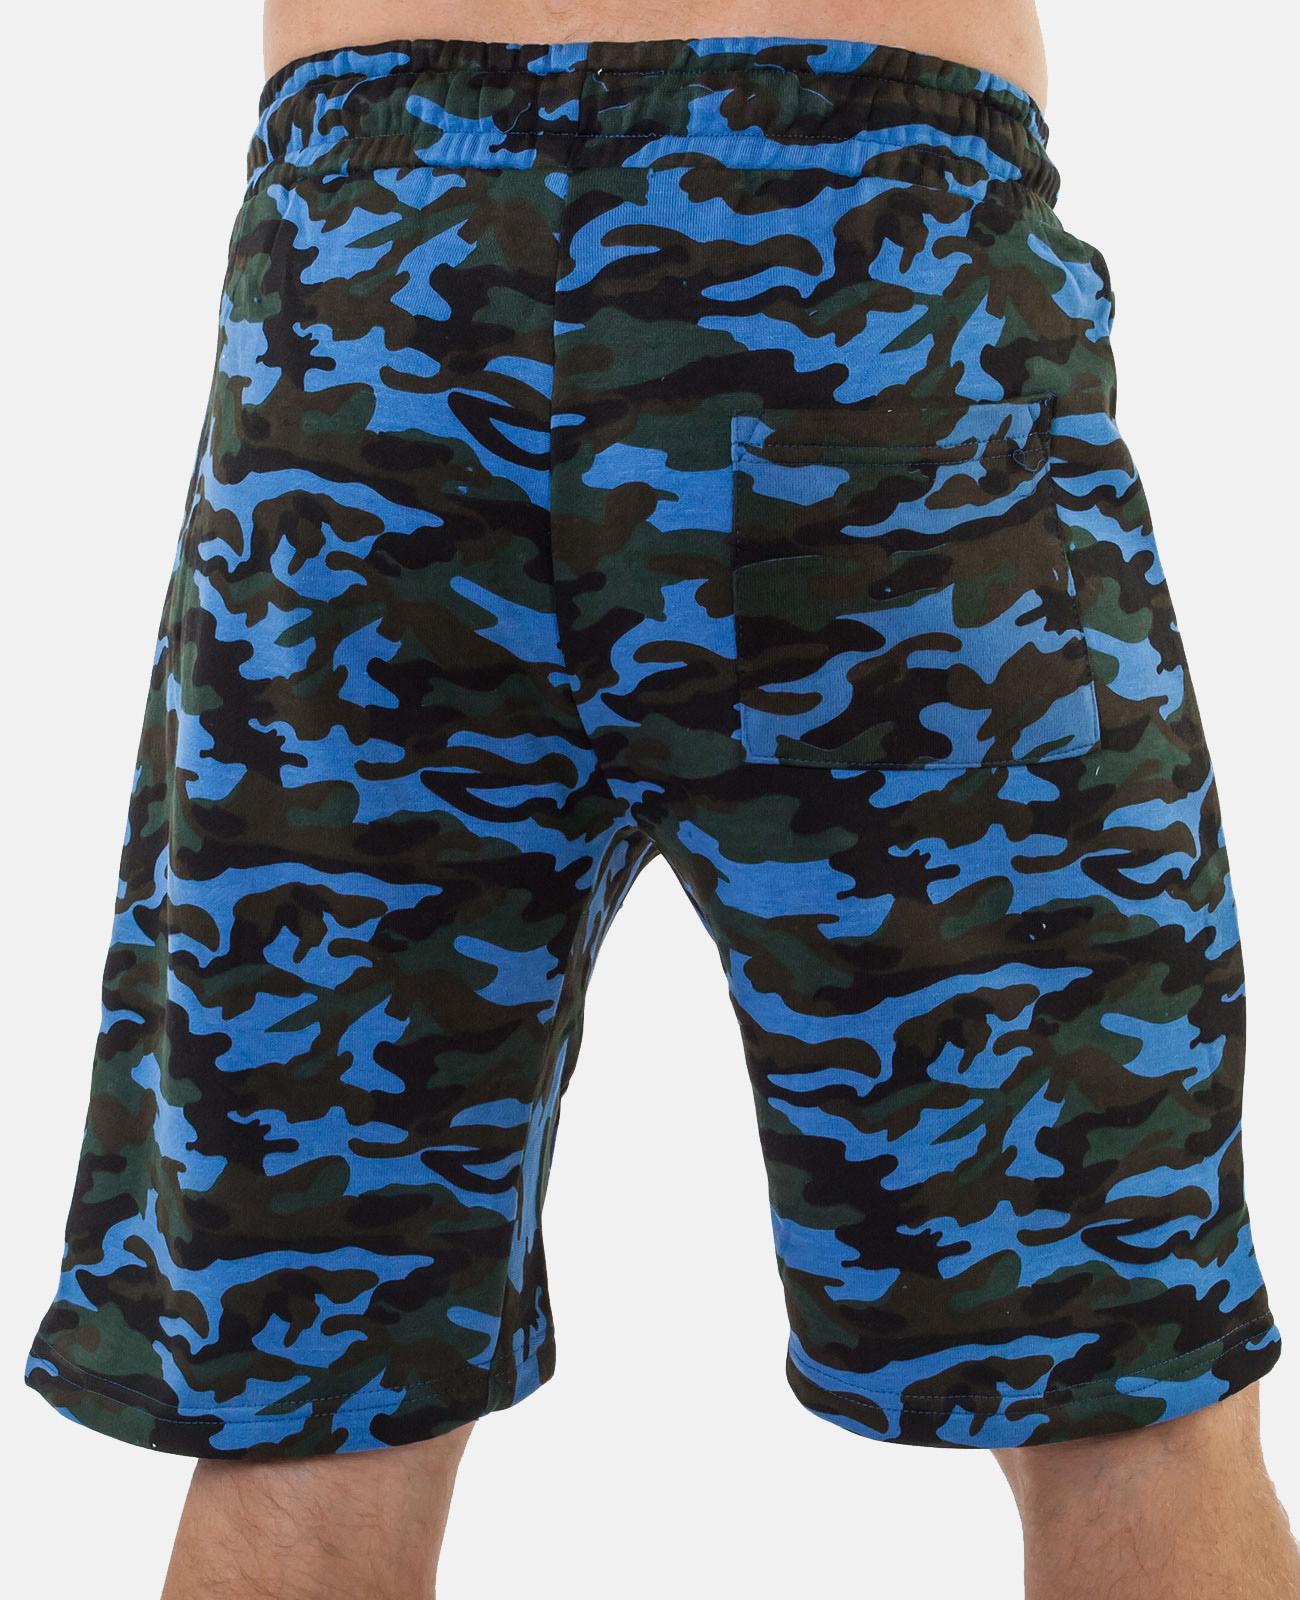 Удлиненные мужские шорты с нашивкой СССР - купить в розницу